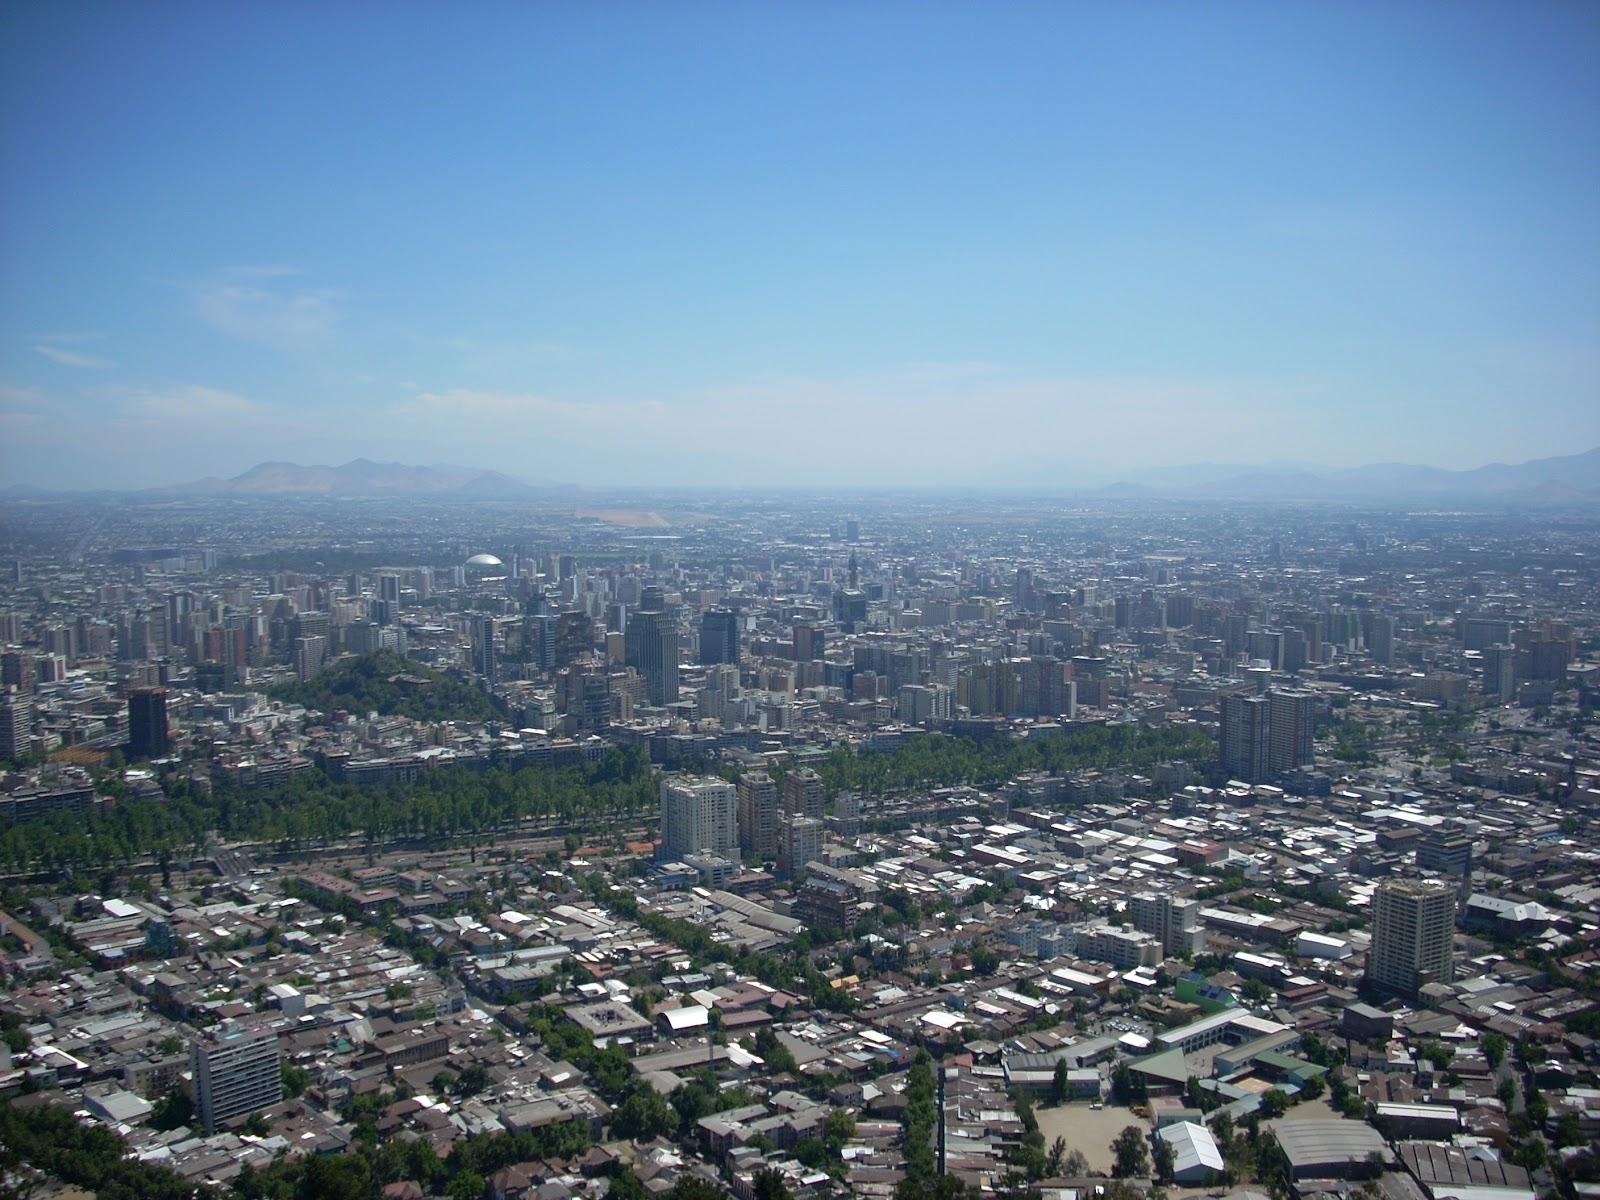 A big sprawling city